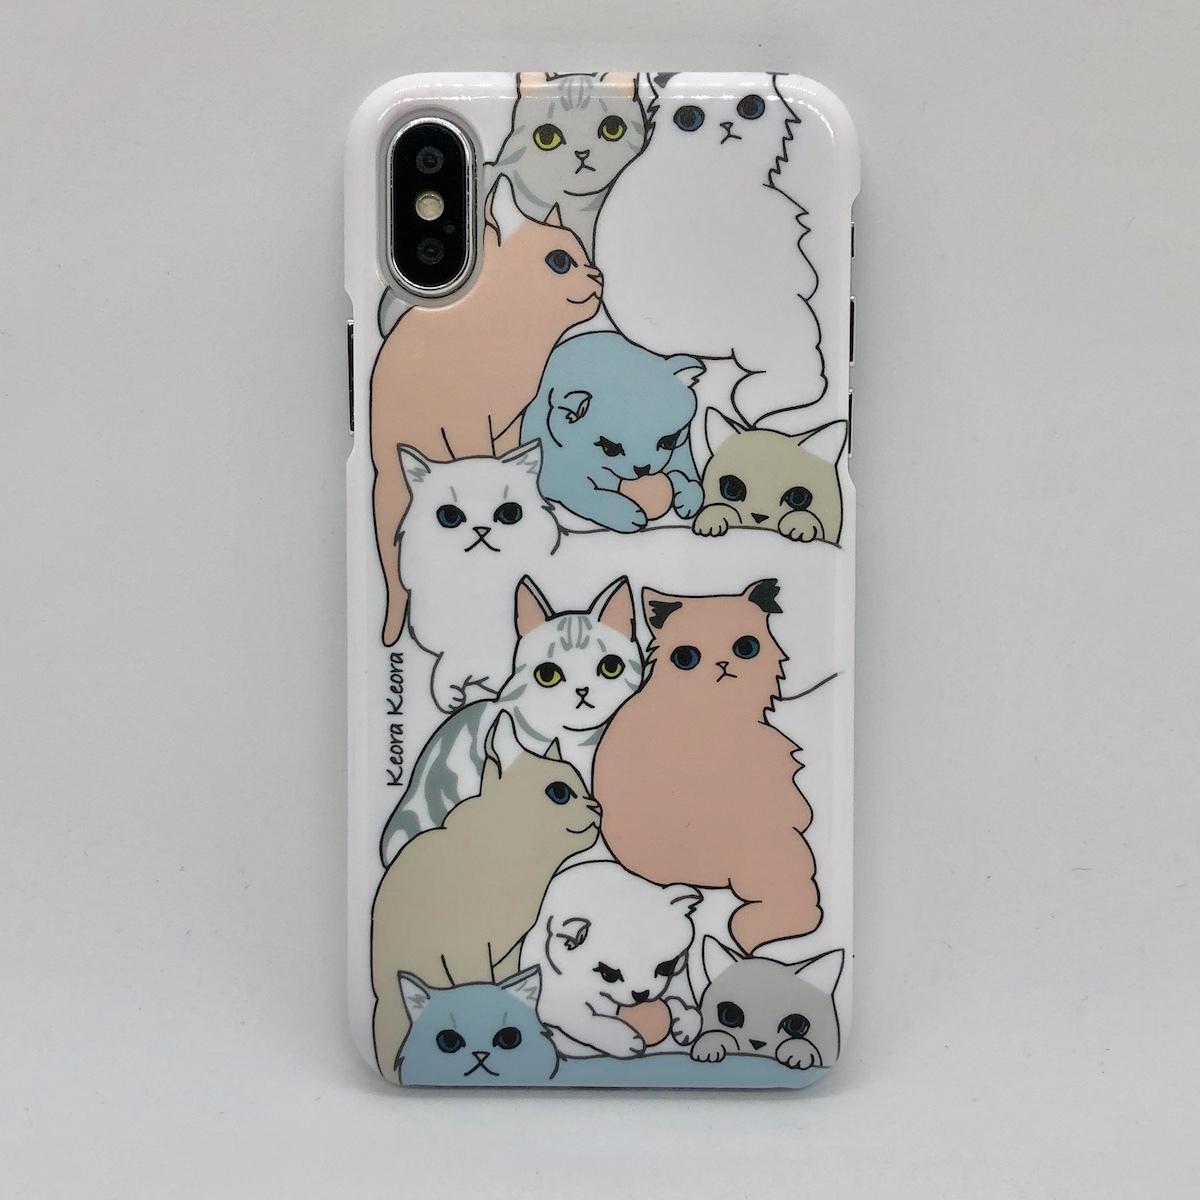 【iPhoneX/Xs専用】INDOOR CATS ホワイト